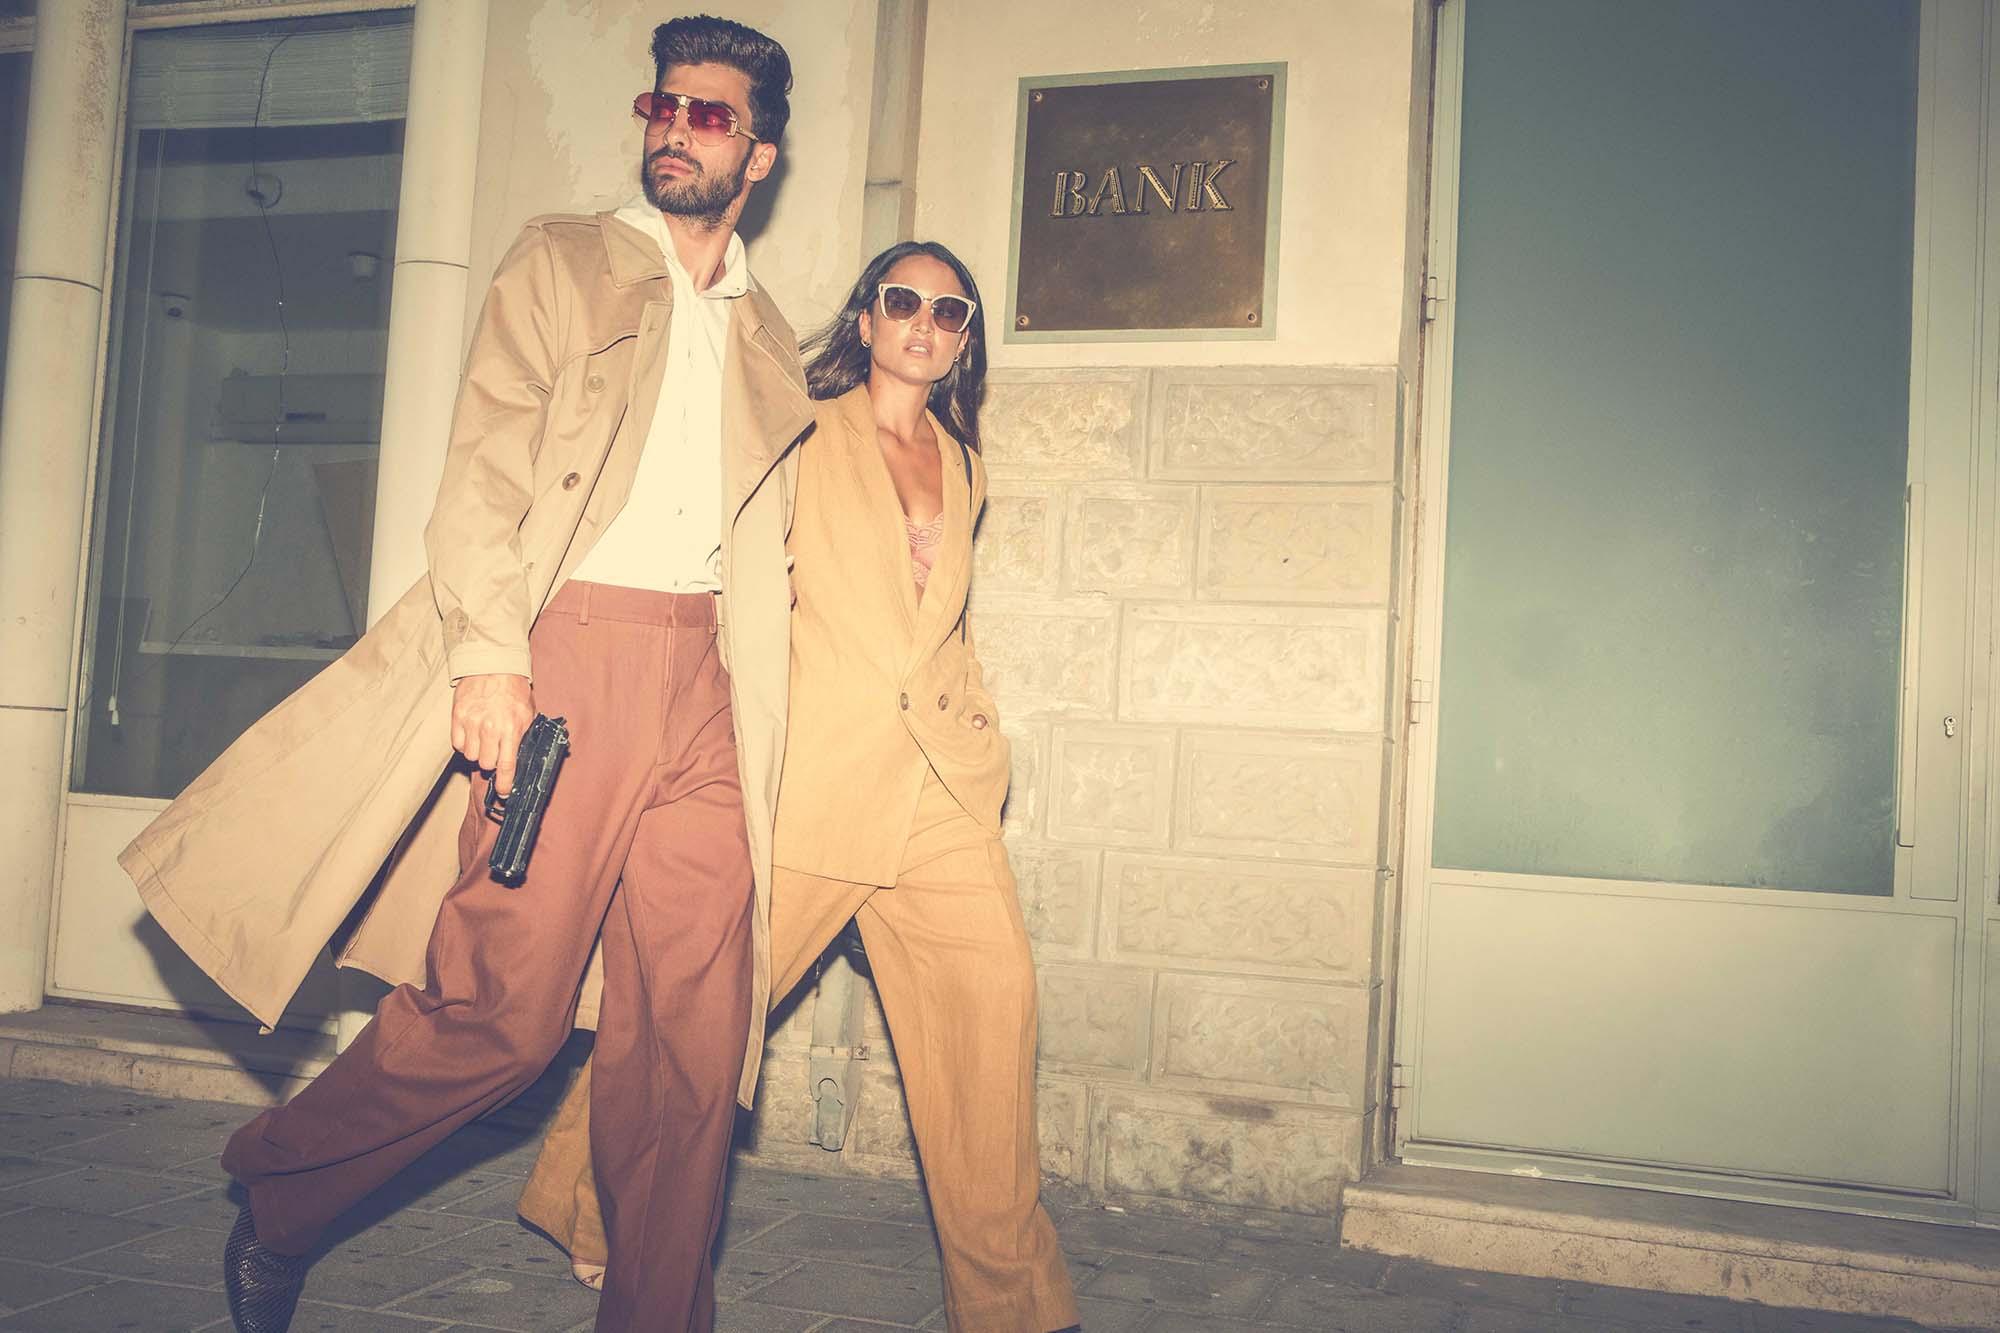 יובל - חולצה: H&M, מכנסיים Cos, ג׳ק:ט ונעליים: zara, משקפיים: יובל משקפיים: Celine. שאניה - חליפה: H&M, נעליים: mango, משקפיים: Prada -סטיילינג: אייל חג'בי, צילום: ניל כהן - בית ספר לצילום, רון קדמי, דוגמנים: יובל ביטון - סוכנות ״אלינור שחר״, שאניה הדר - סוכנות Passion Management, איפור: דלית לוי, עיצוב שיער: מירב אבן צור